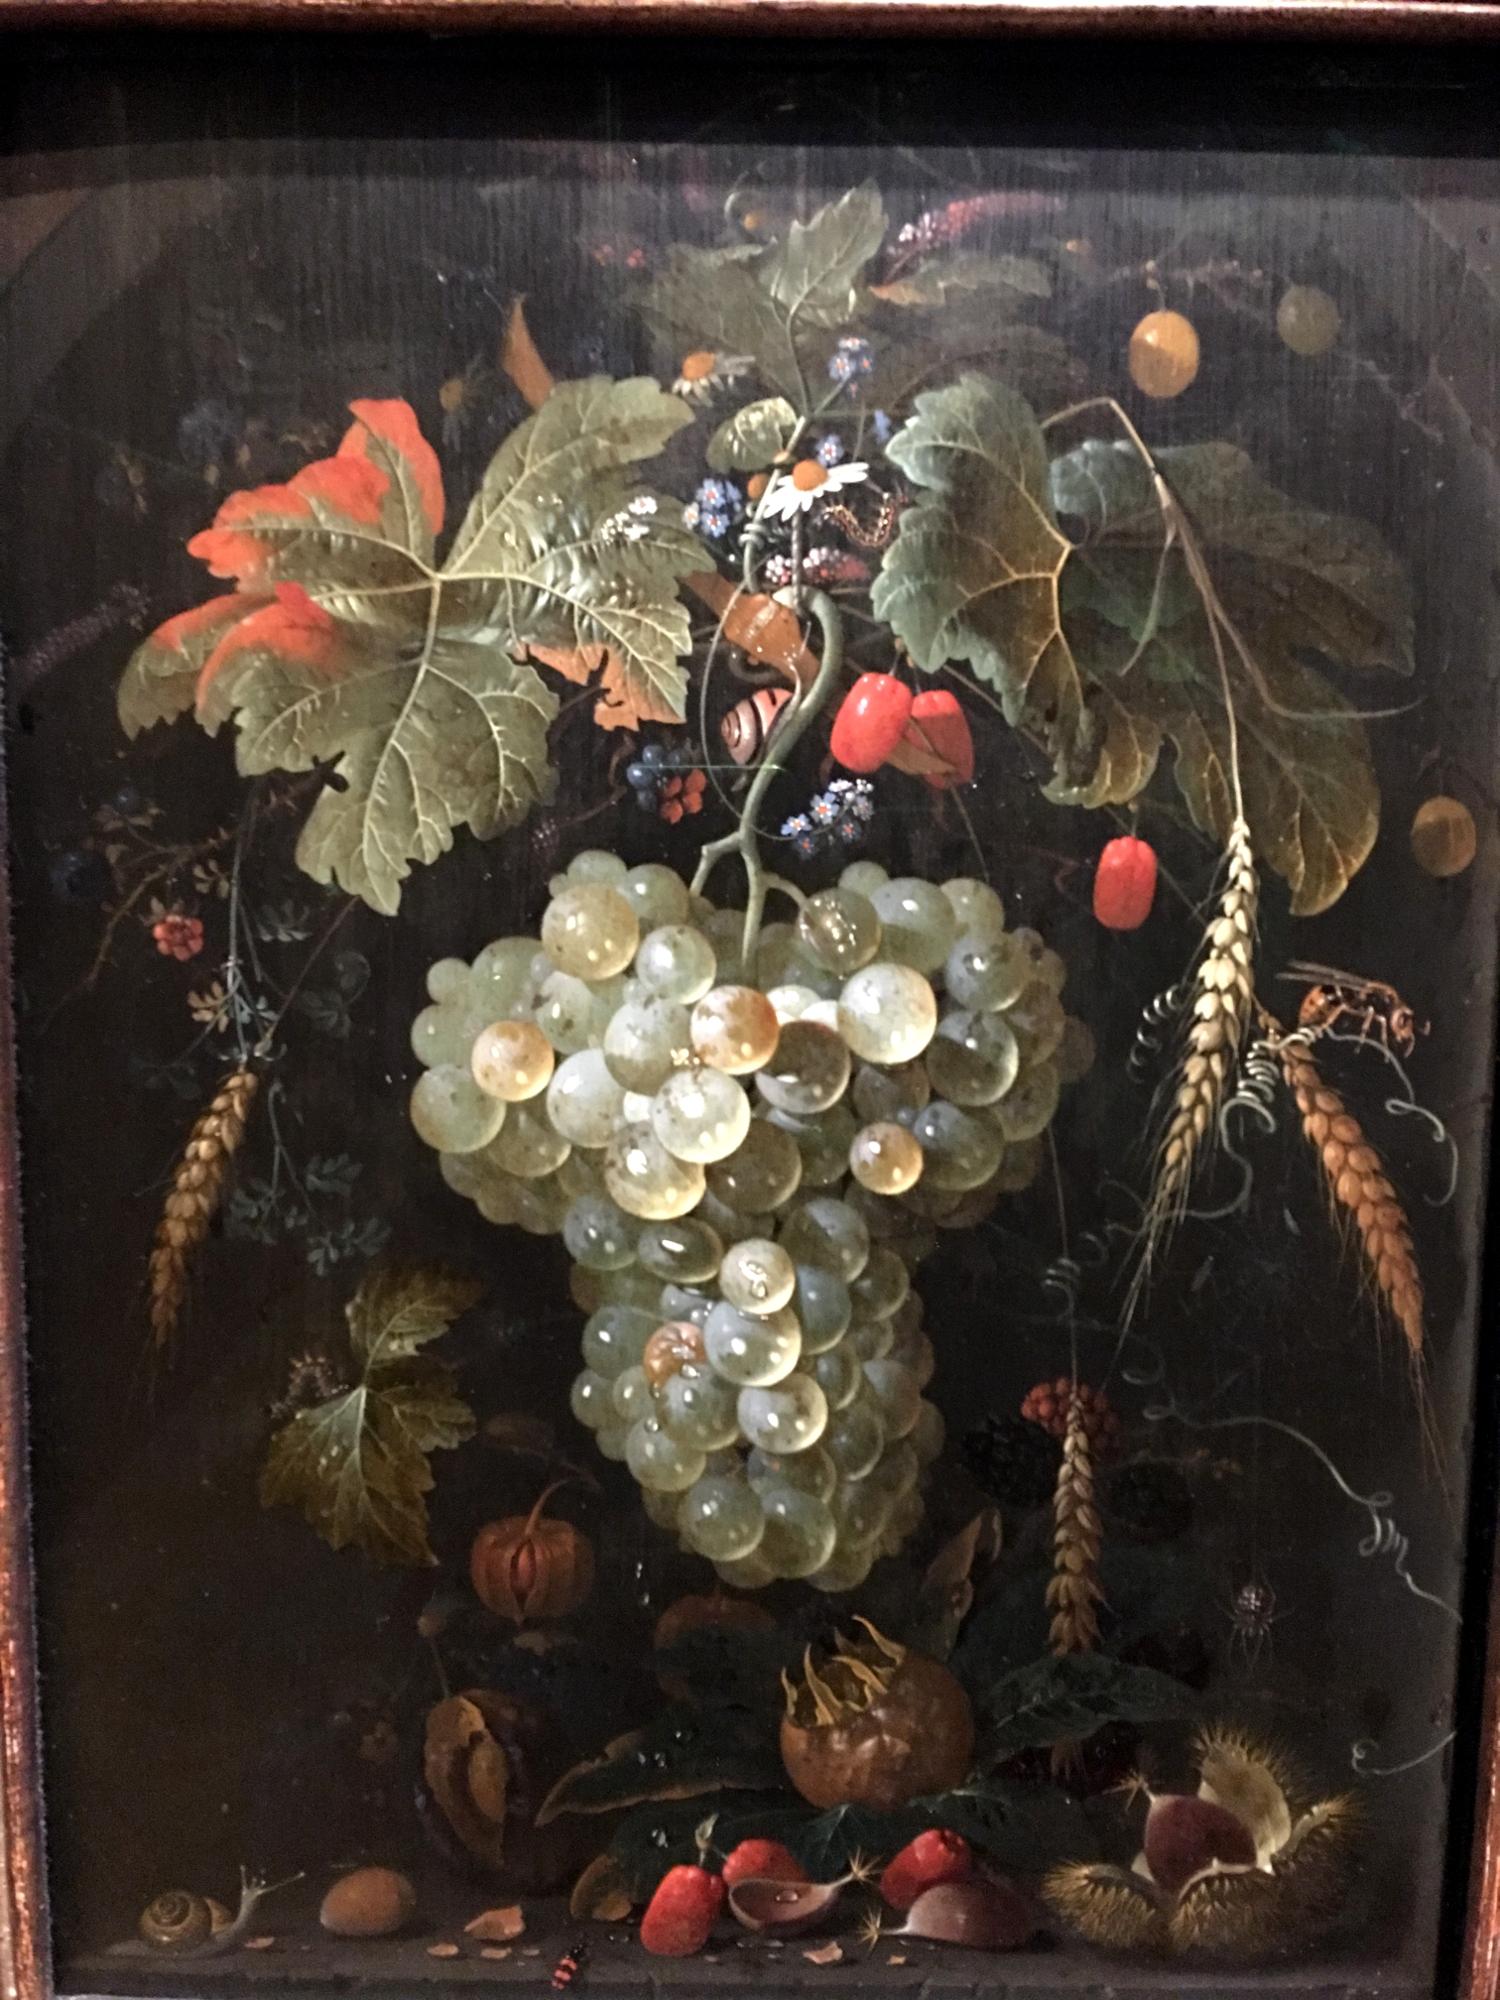 rocaille-blog-museum-fritz-mayer-van-den-bergh-anversa-antwerpen-flander-fiandre-37